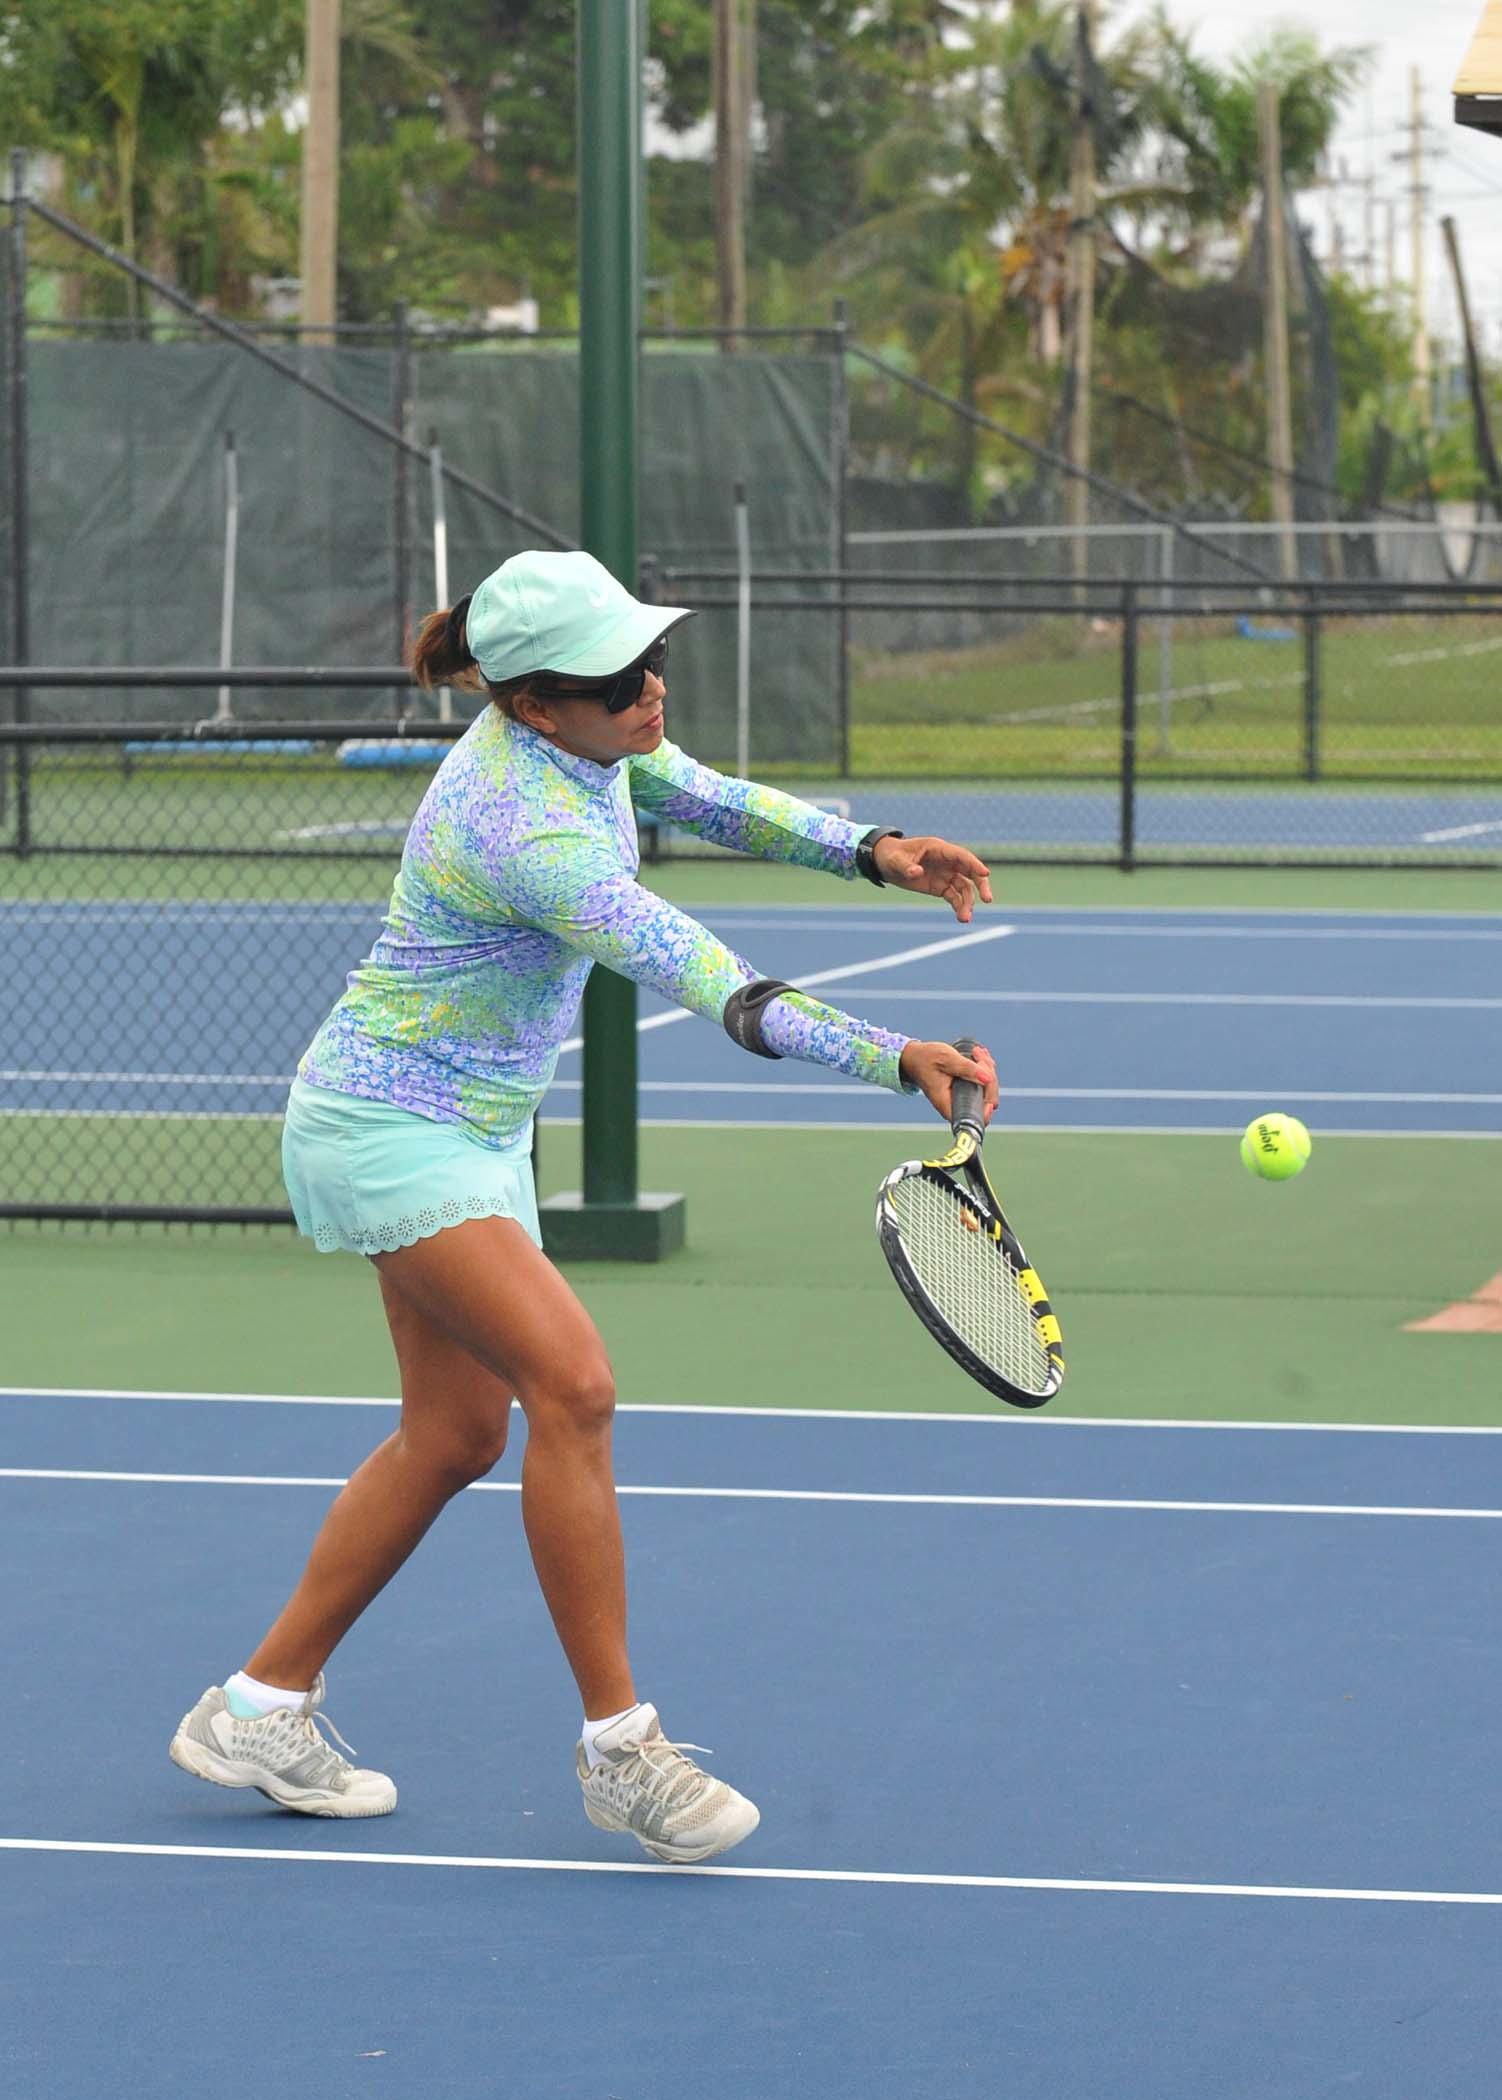 Damas Tenis